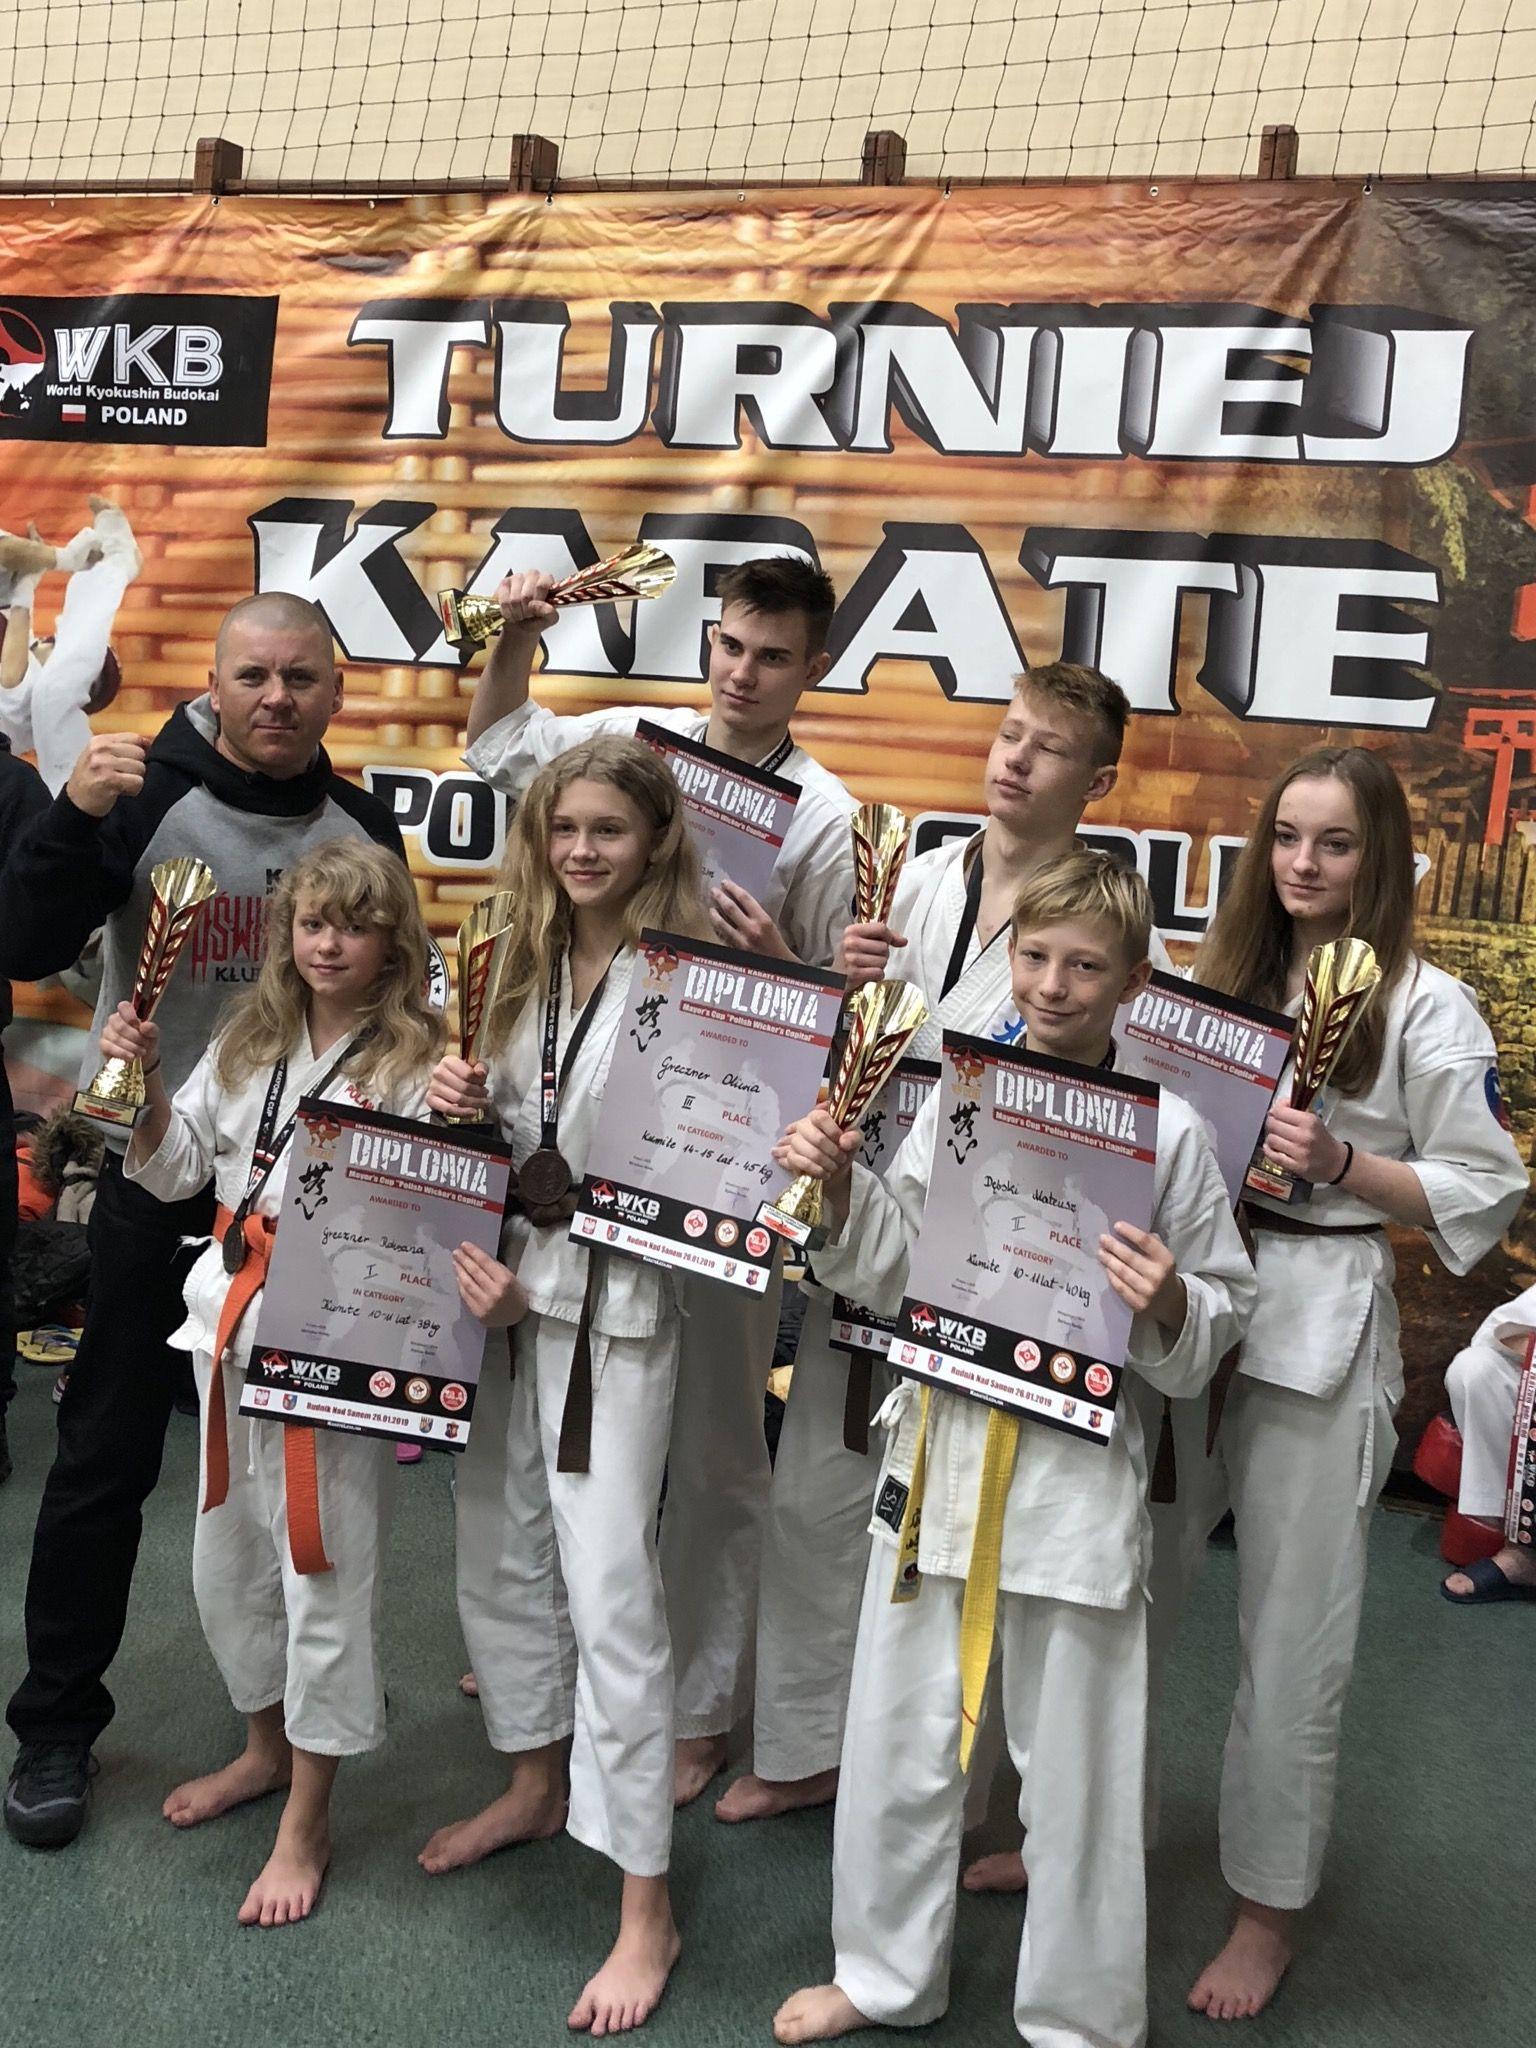 Reprezentanci Oświęcimskiego Klubu Karate zdobyli sześć medali podczas rozgrywanej w Rudniku nad Sanem ósmej edycji międzynarodowych zawodów w karate kyokushin. Fot. zbiory OKK